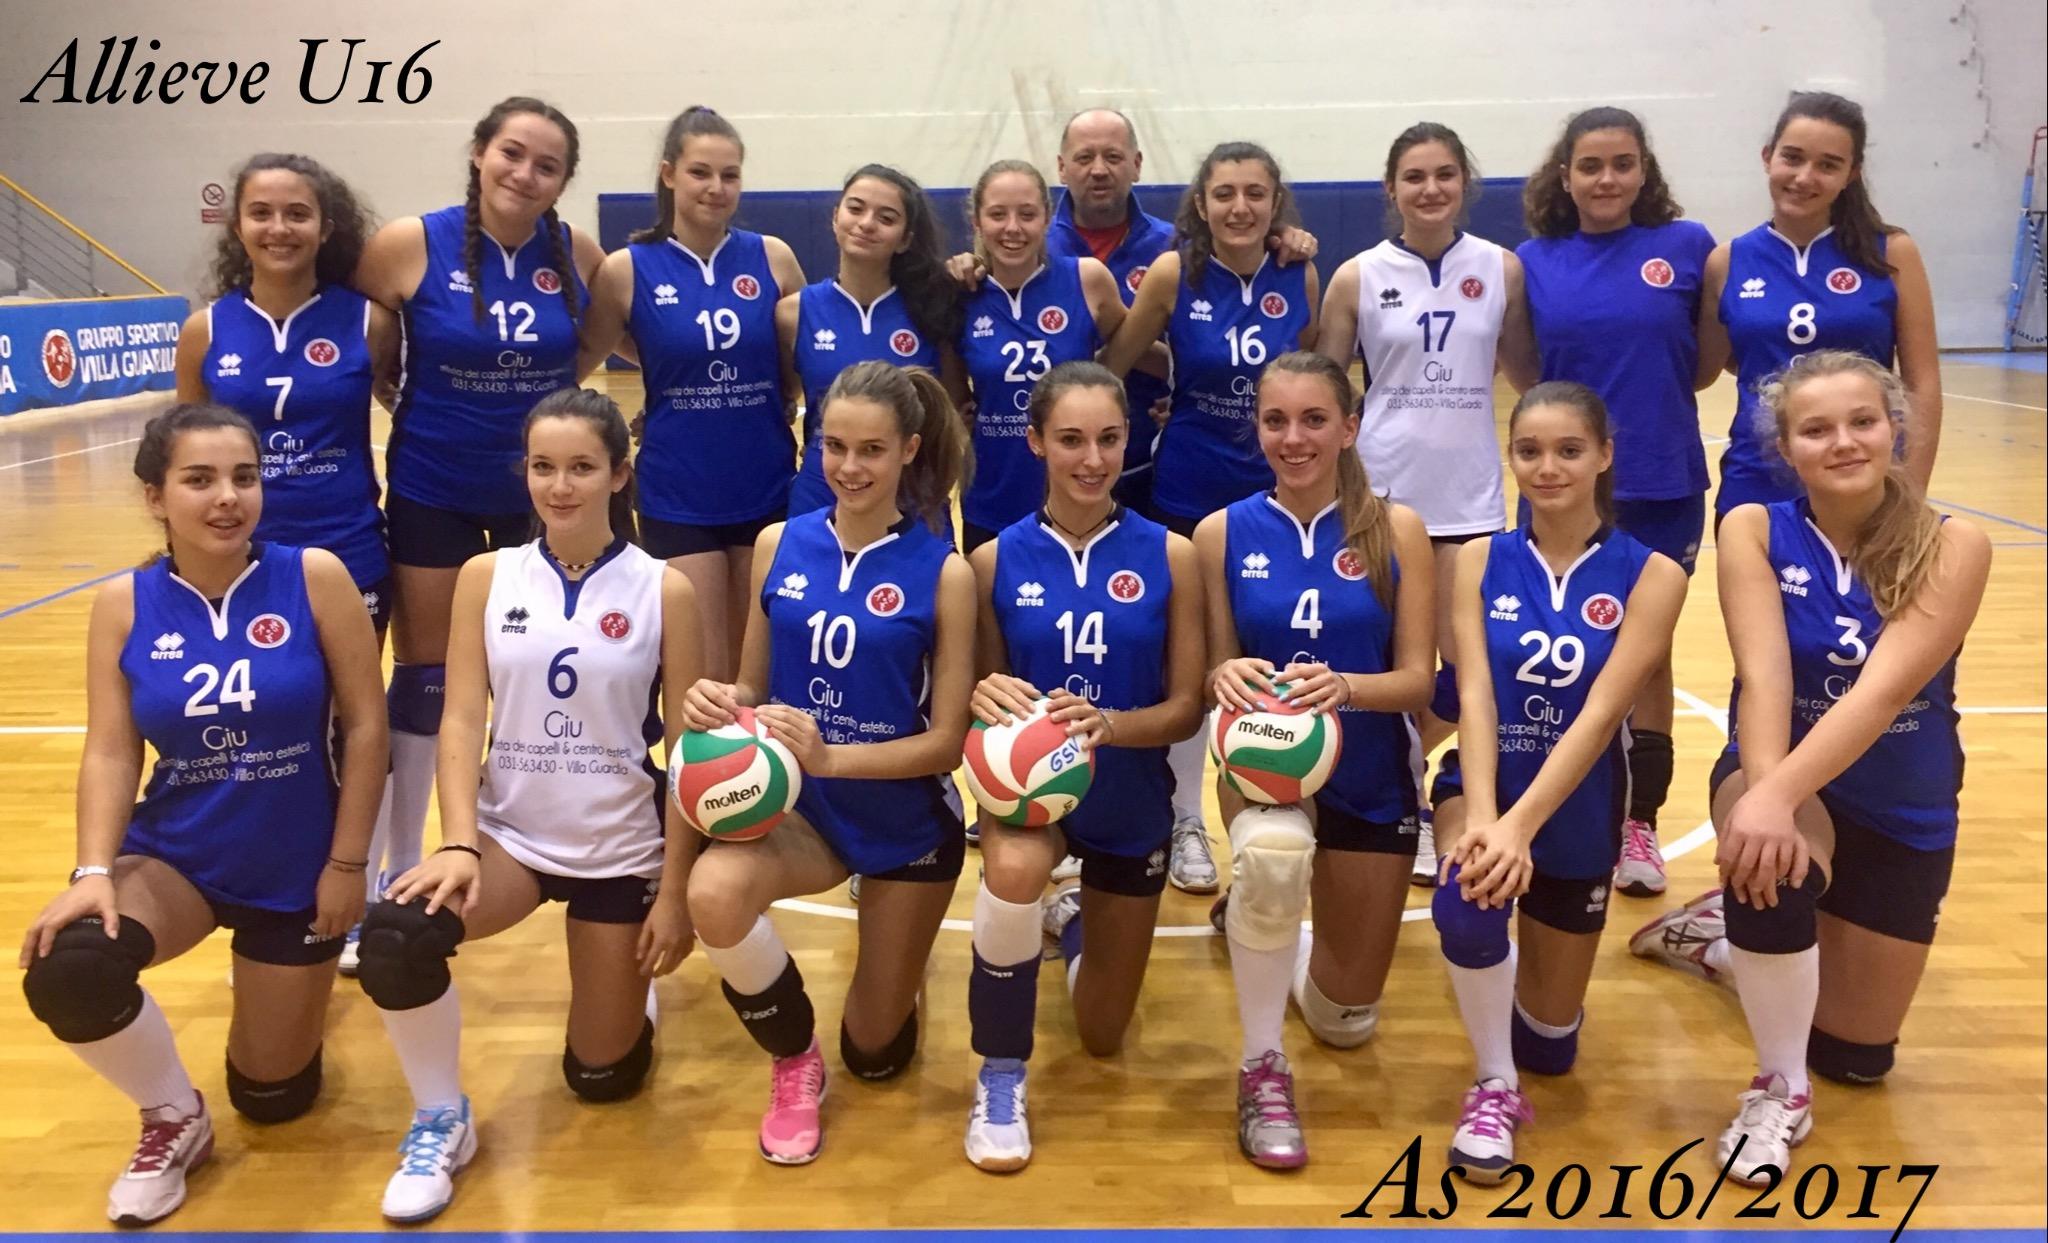 Volley - Under 16 blu - G.S.VILLA GUARDIA 2246f6cc89aa